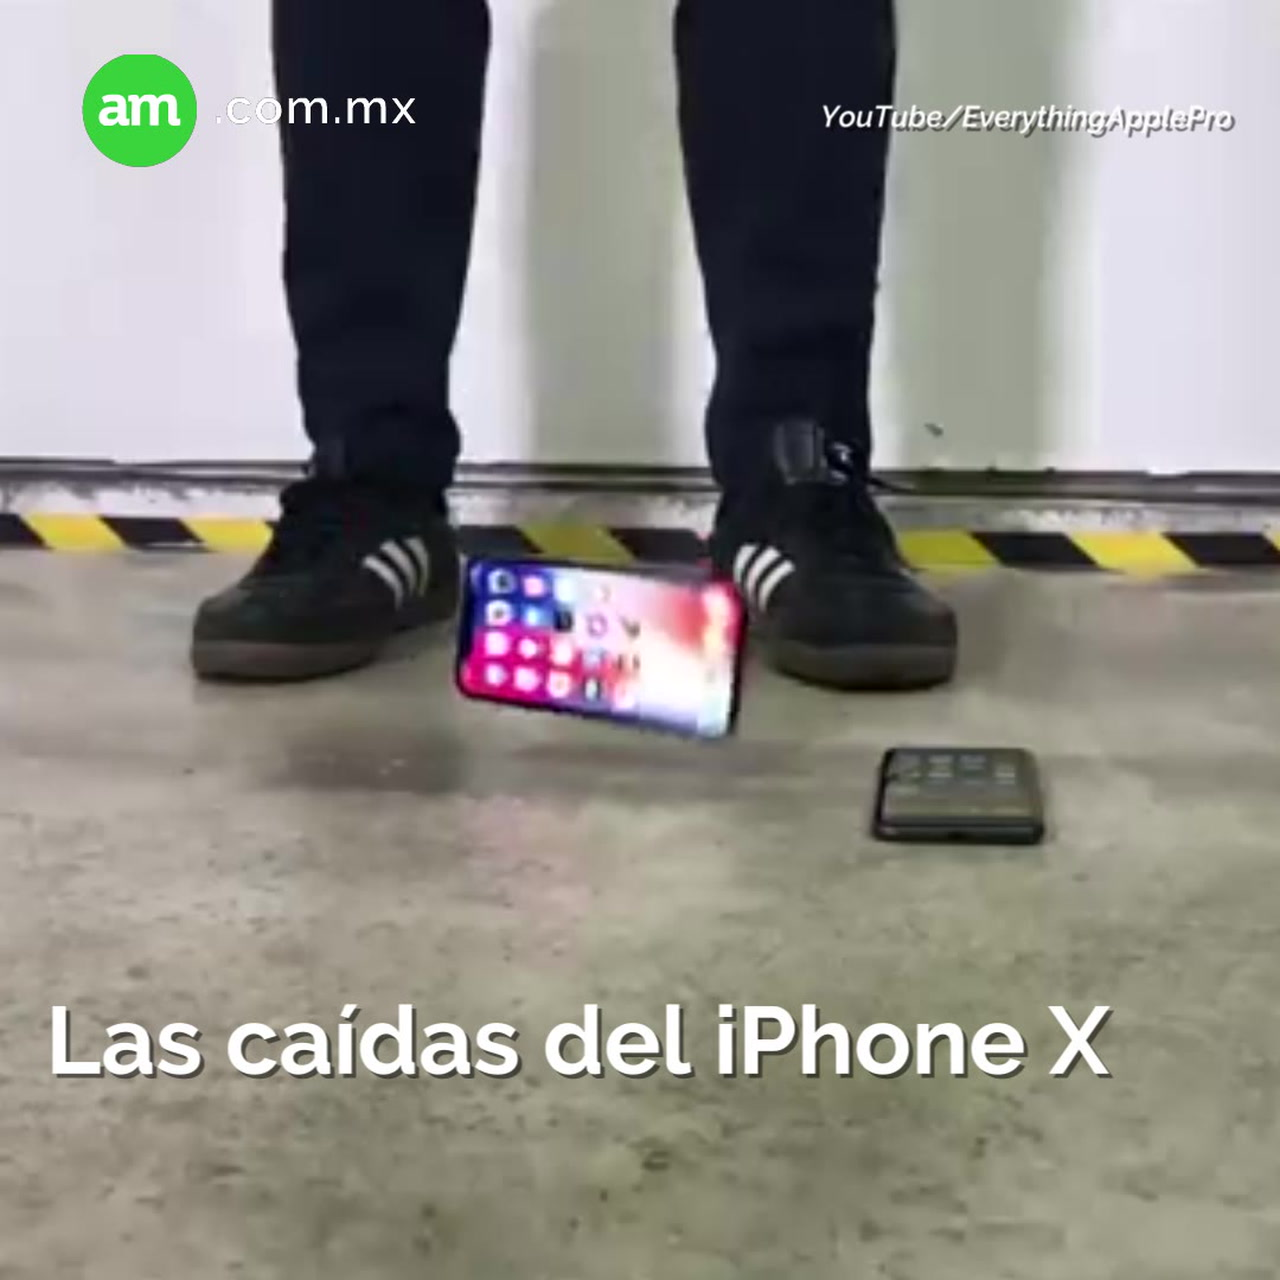 Las caídas del iPhone X